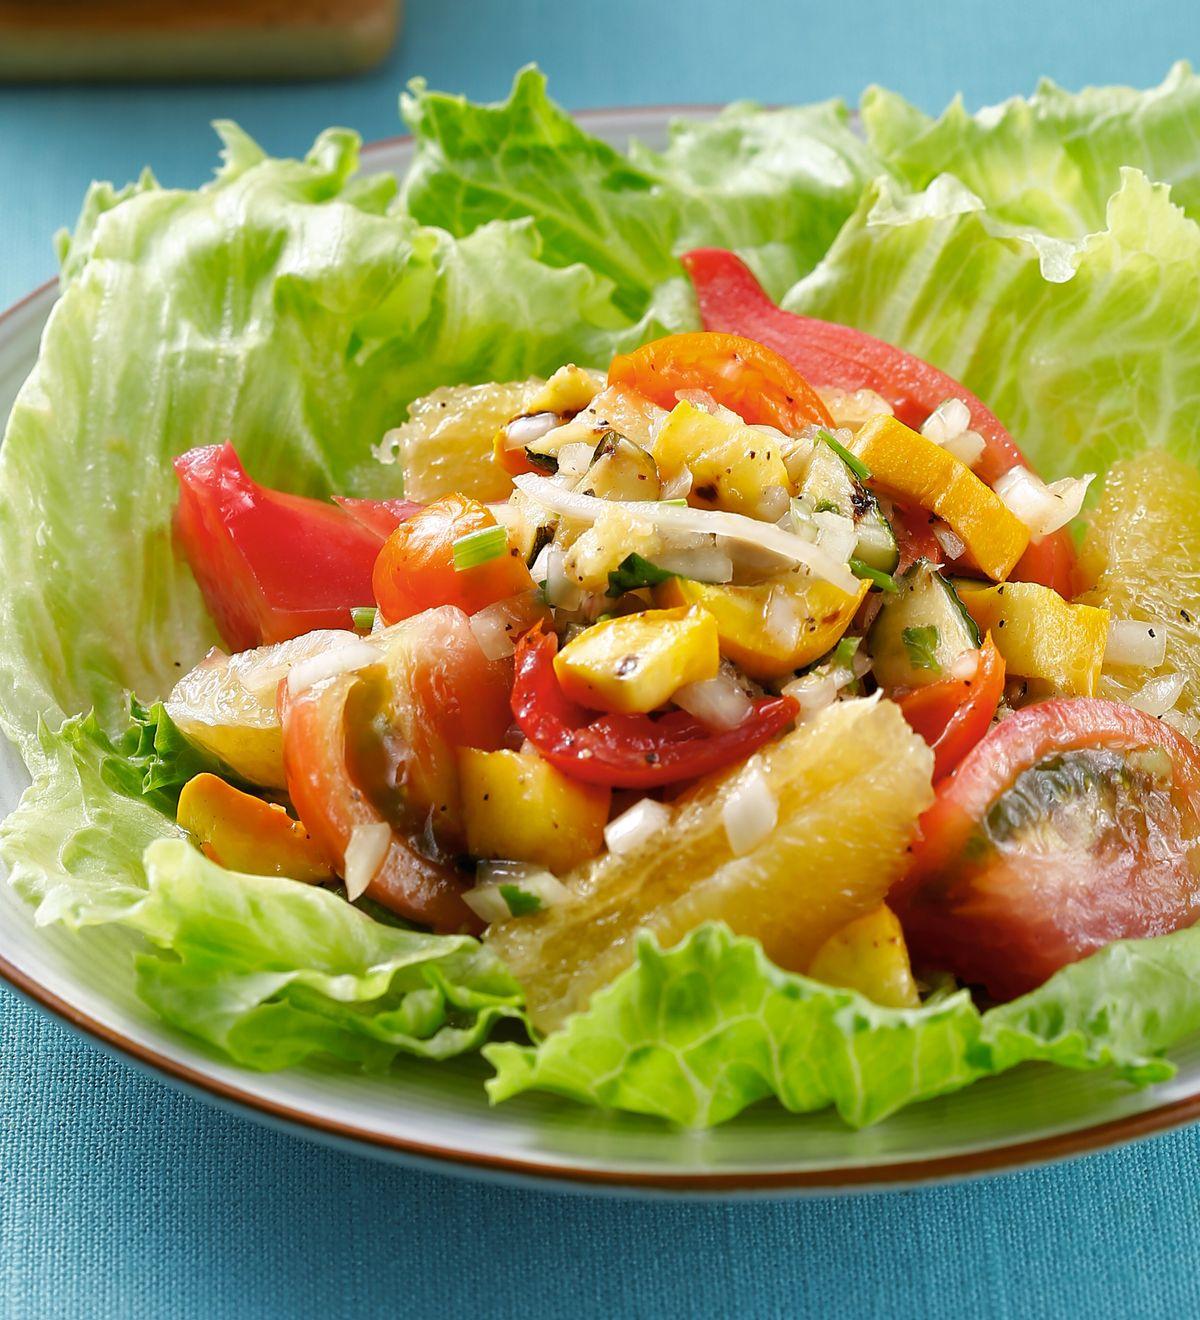 食譜:番茄沙拉